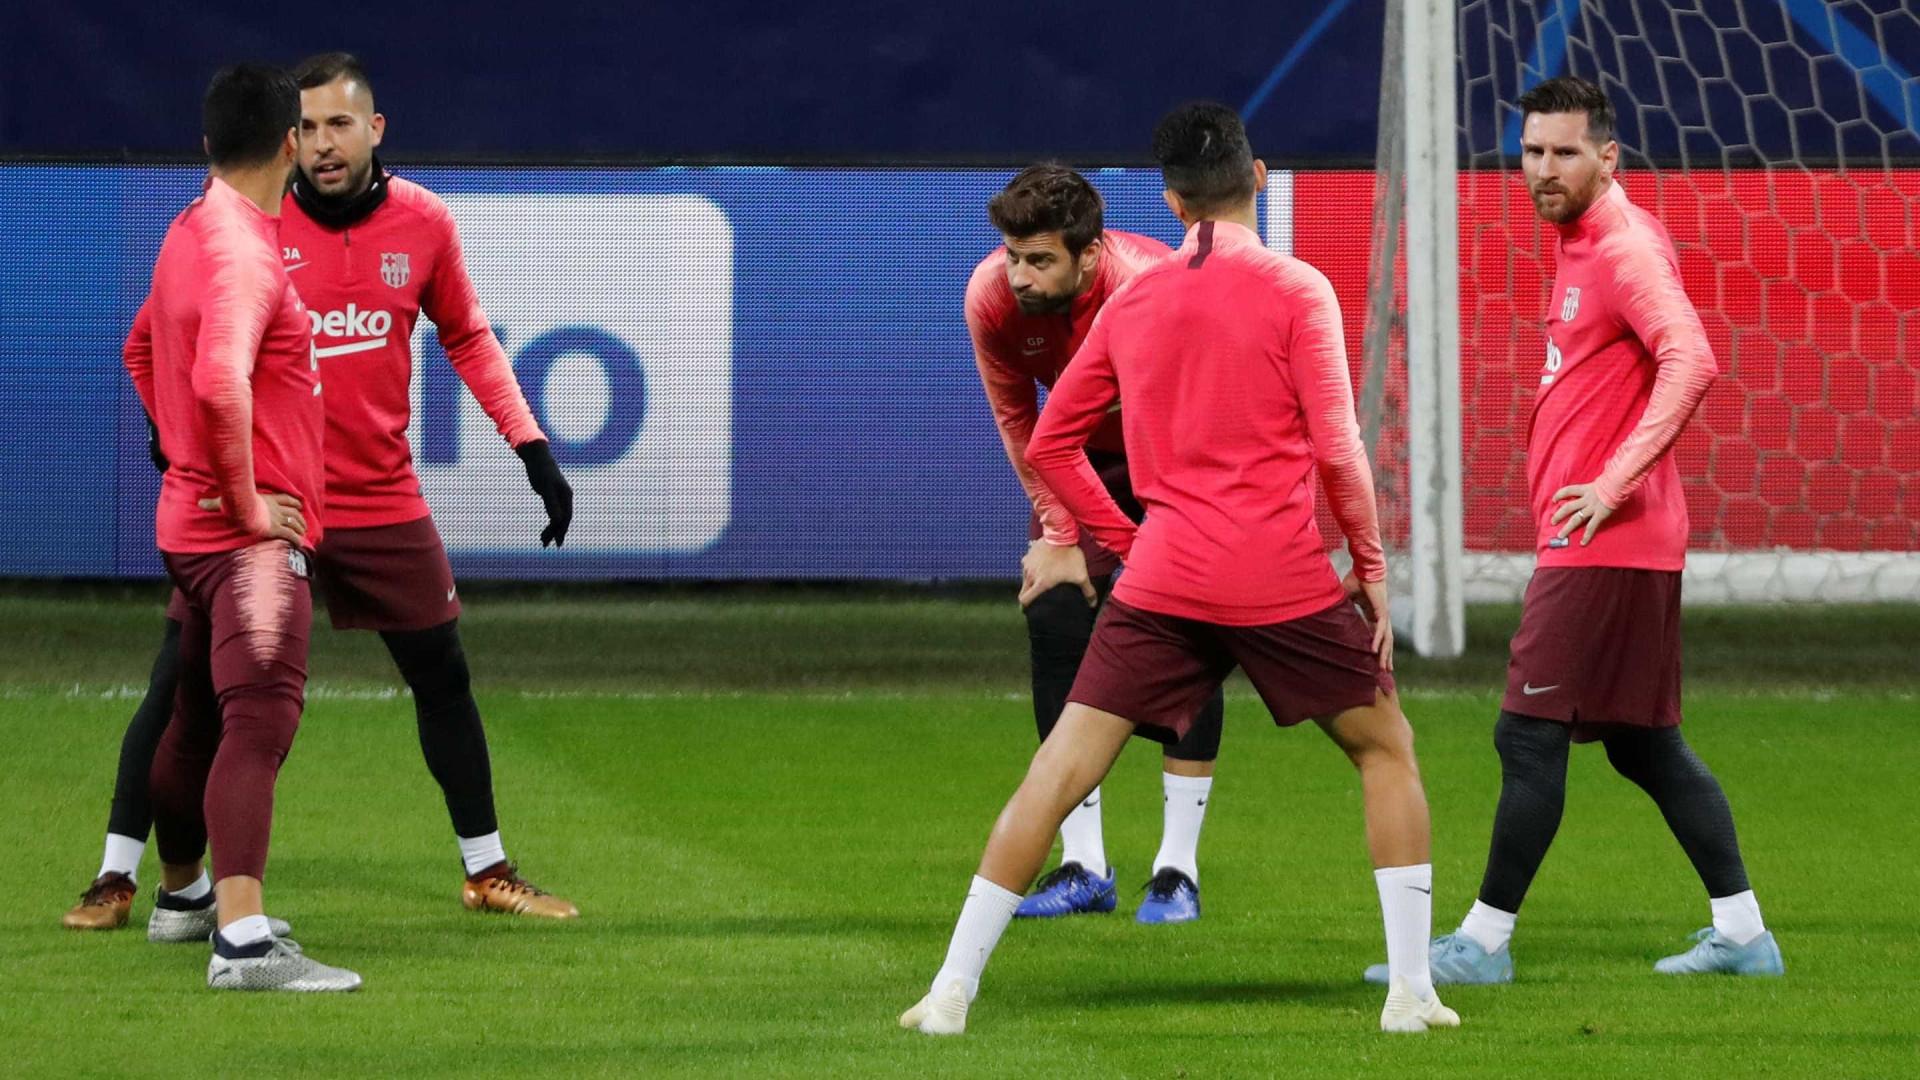 Com Messi relacionado, Barcelona busca vaga antecipada na Champions